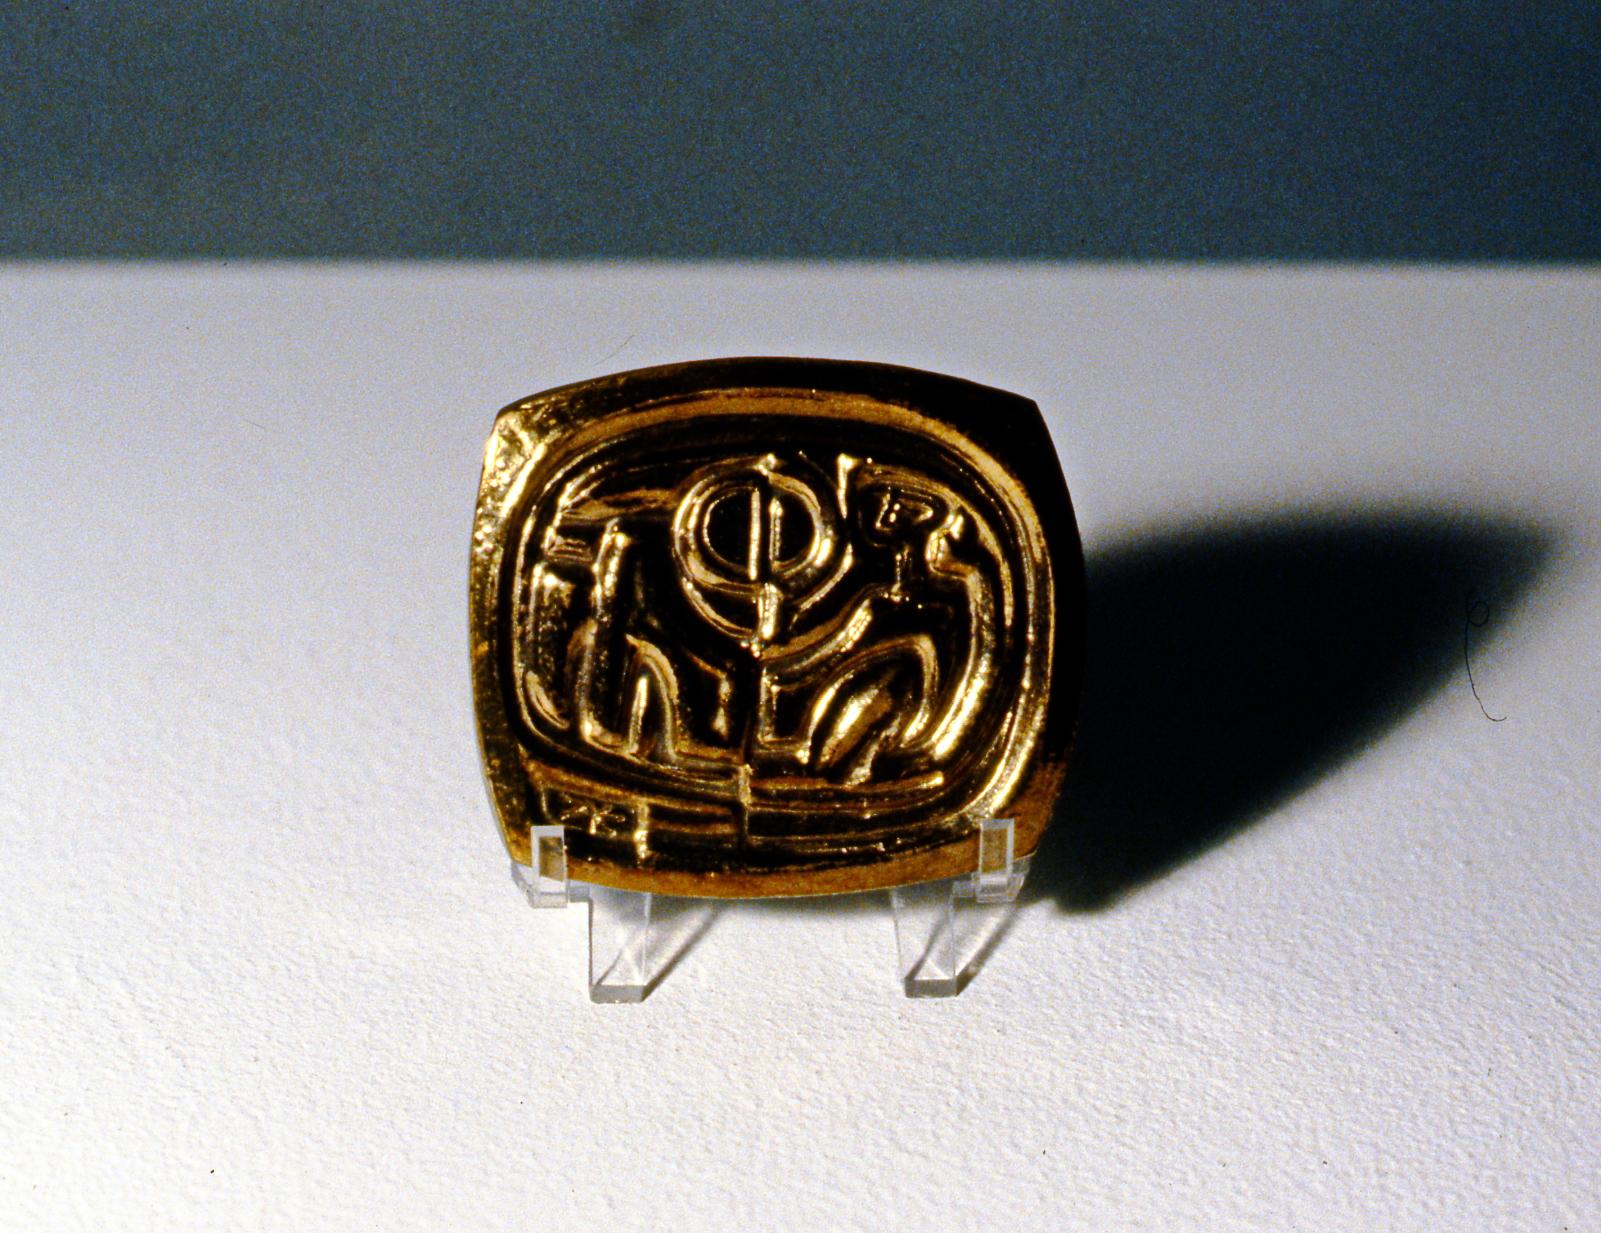 Moon Raker ,1993/4, Zeljko Kujundzic, relief stoneware medal, 7.5 x 10 cm, 1999.03.02, gift of the estate of June Brock